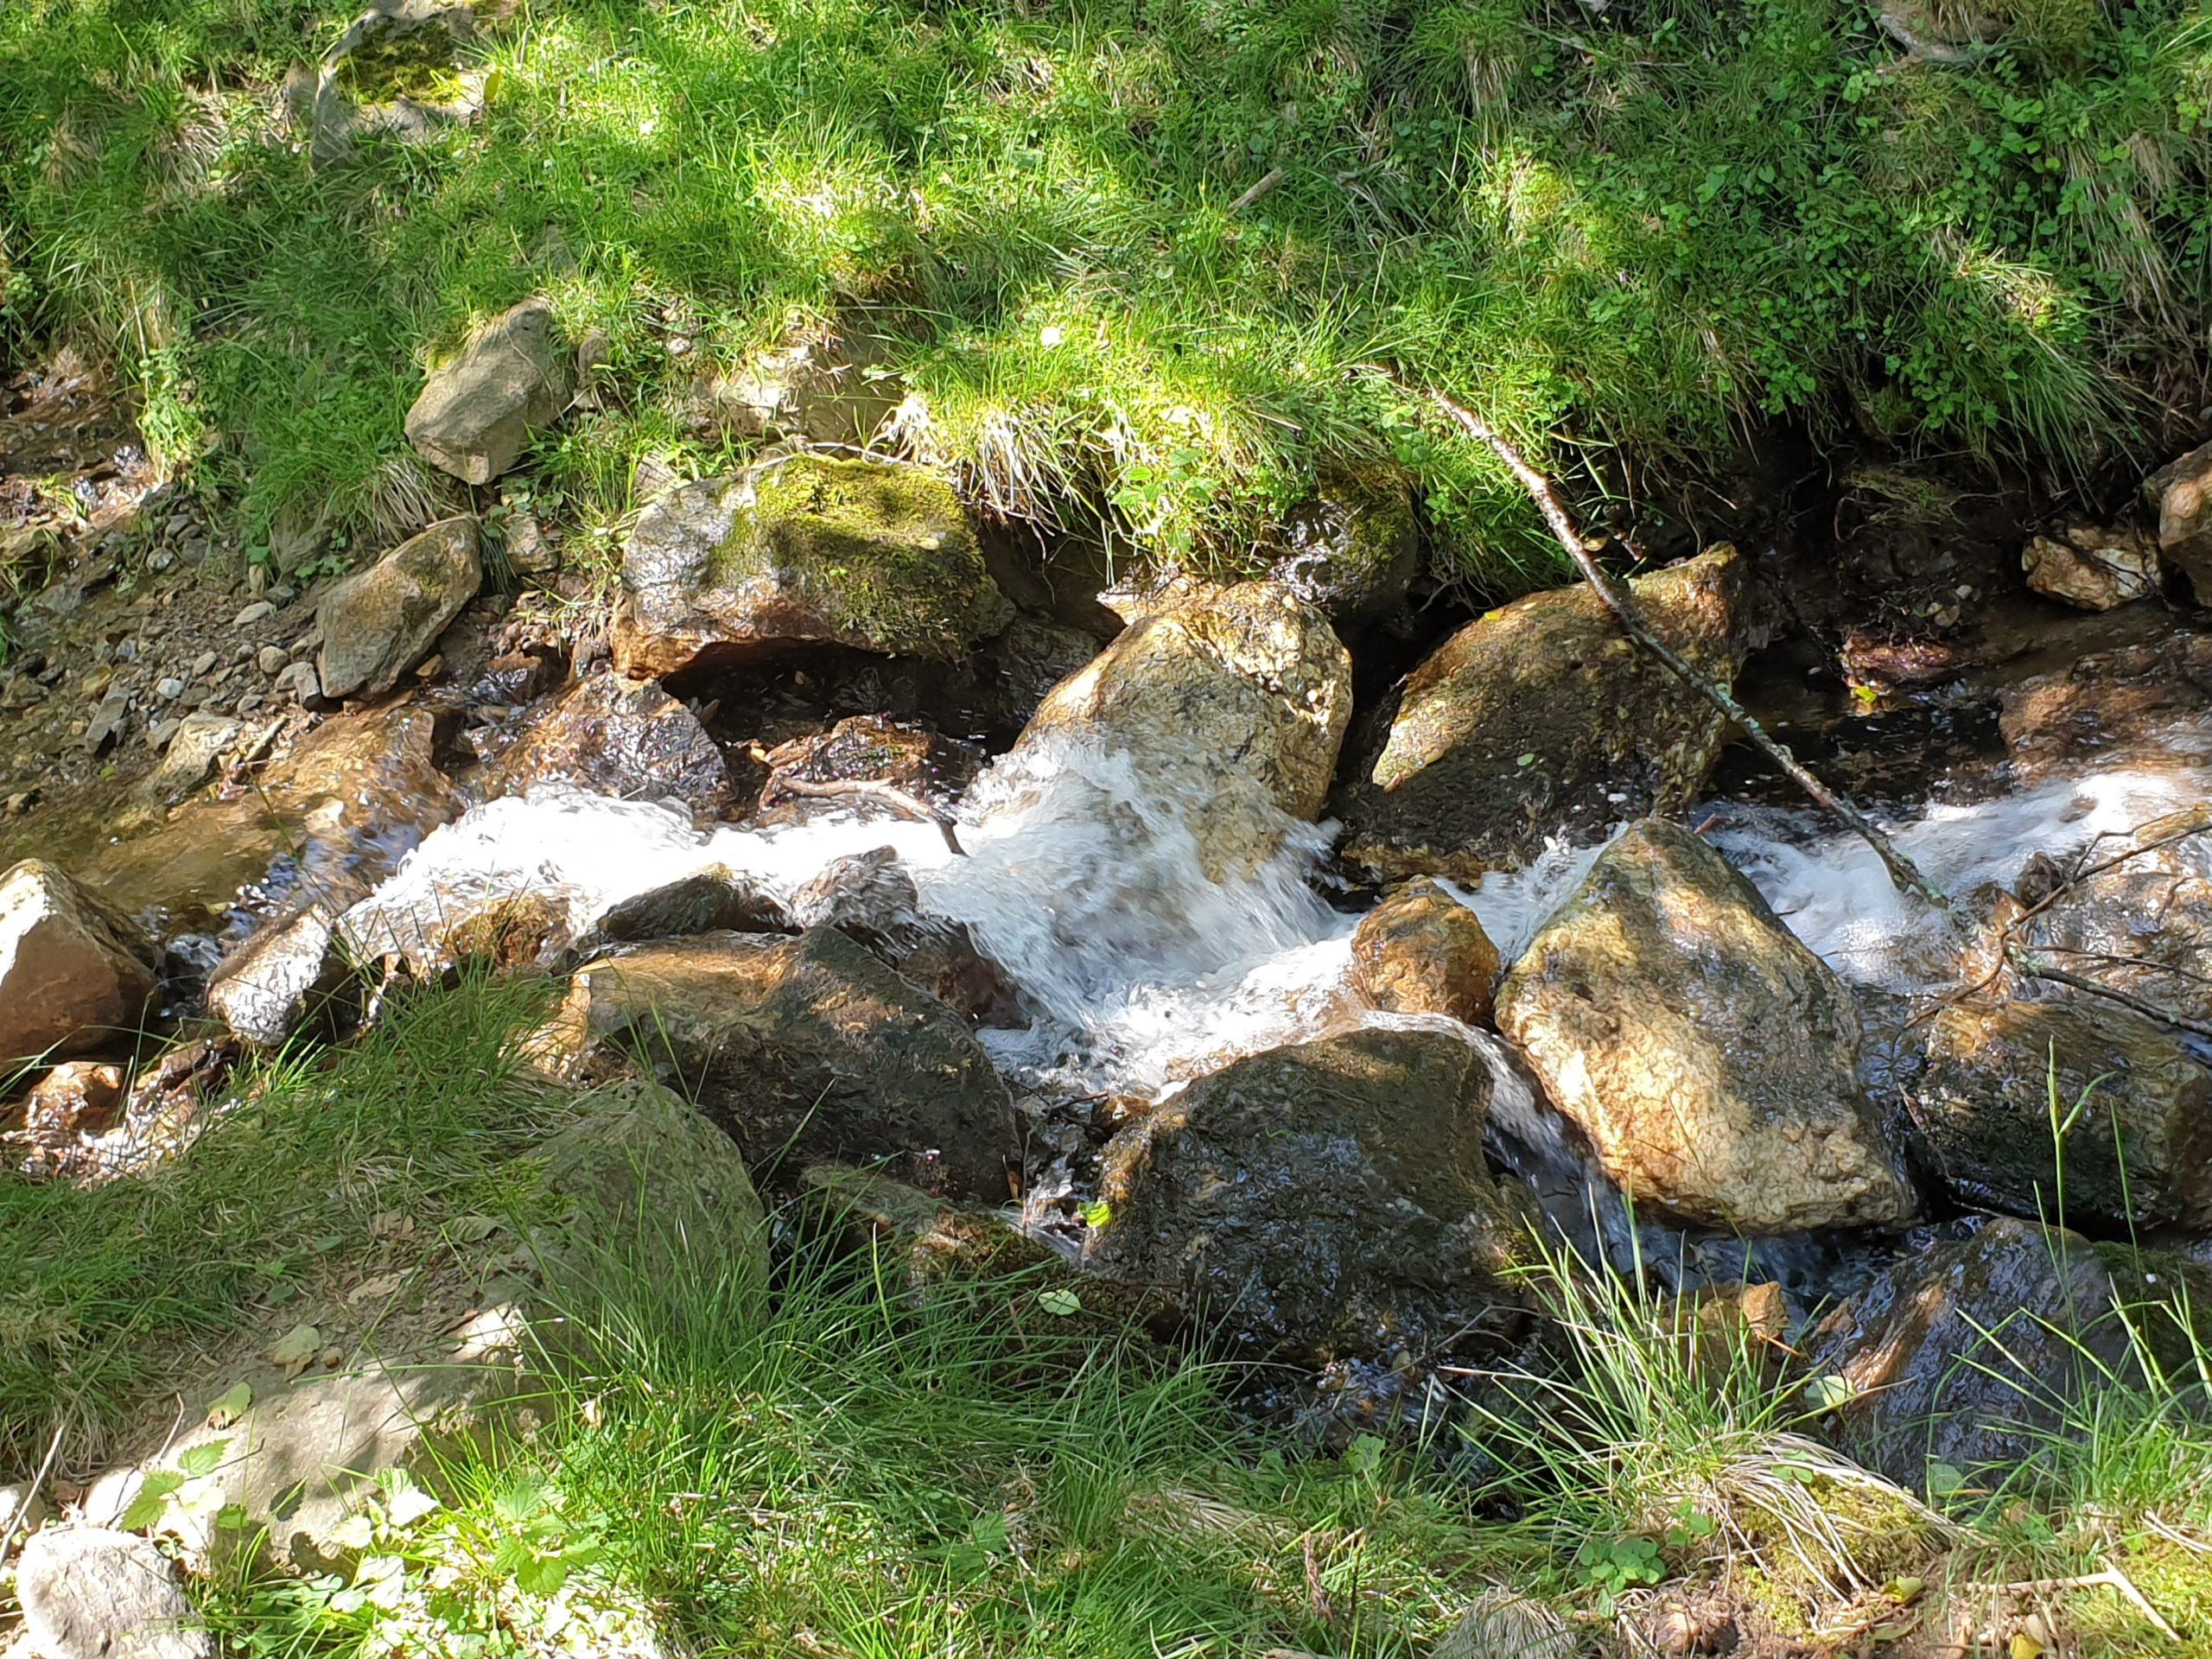 Freizeittipps Nationalparks in Österreich, Alpenwildpark Feld am See, Jagdfakten.at